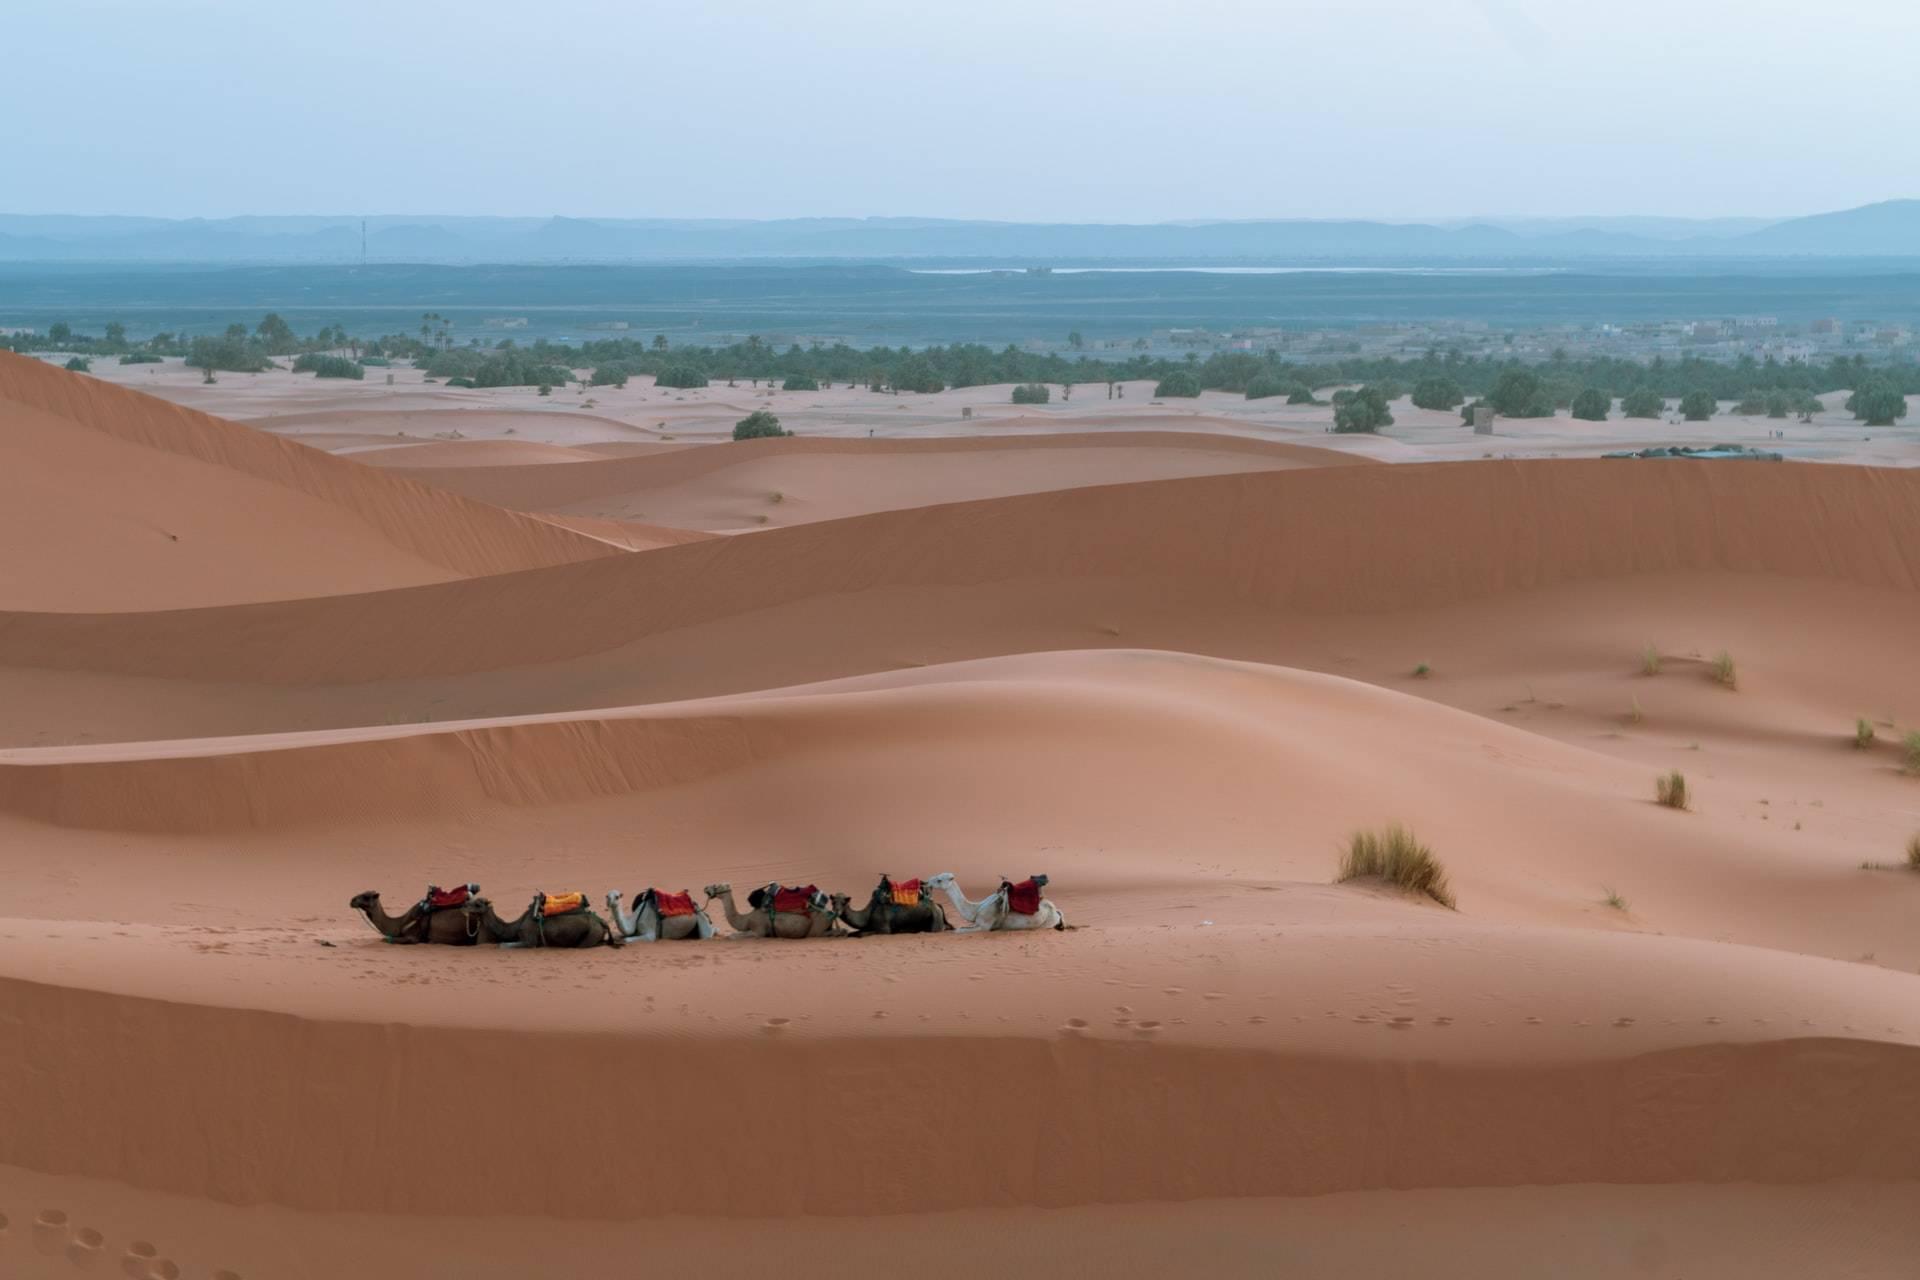 Cammelli a Merzouga per i turisti, avrete la stessa esperienza con il nostro tour in Marocco per una settimana